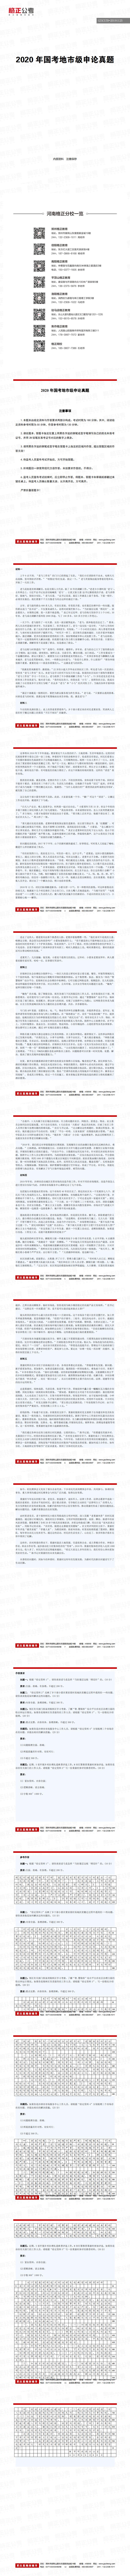 2020年国考申论真题及答案(地级市)_0.png